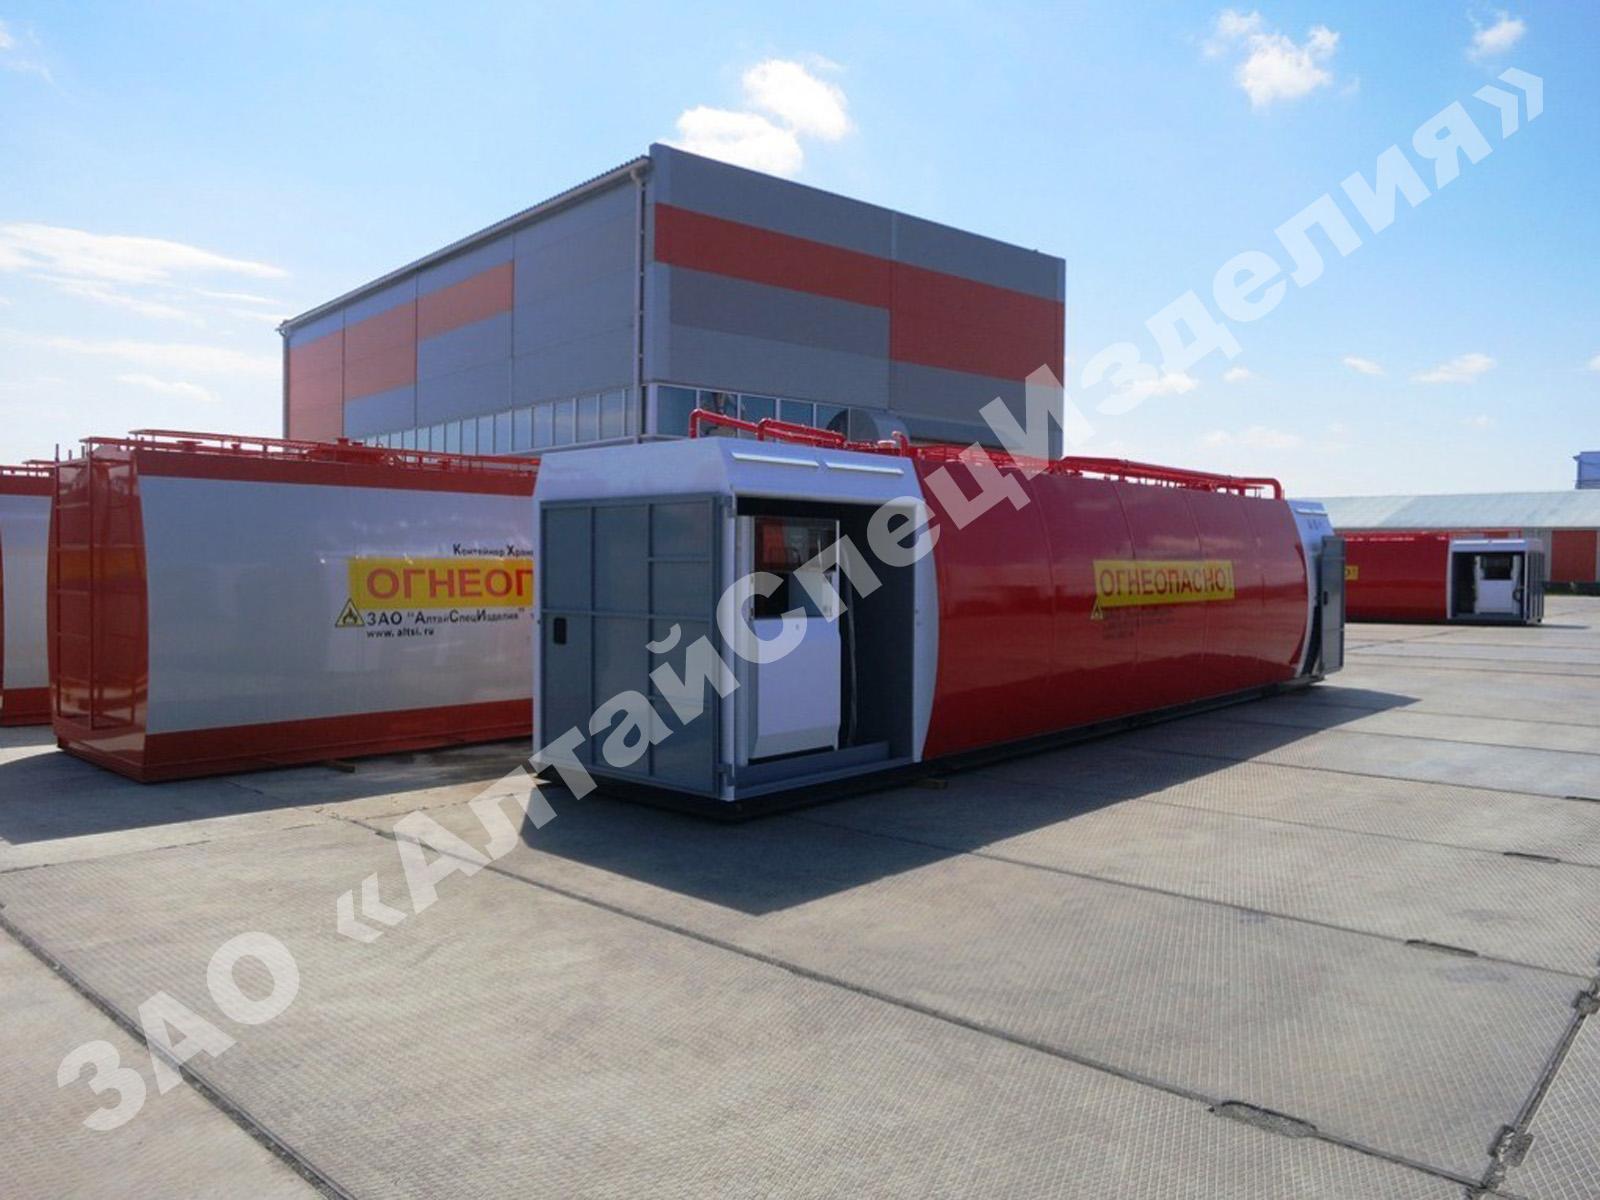 ЗАО АлтайСпецИзделия изготавливает сертифицированные контейнерные АЗС, модульные АЗС, блочные АЗС, мини АЗС, насосные станции